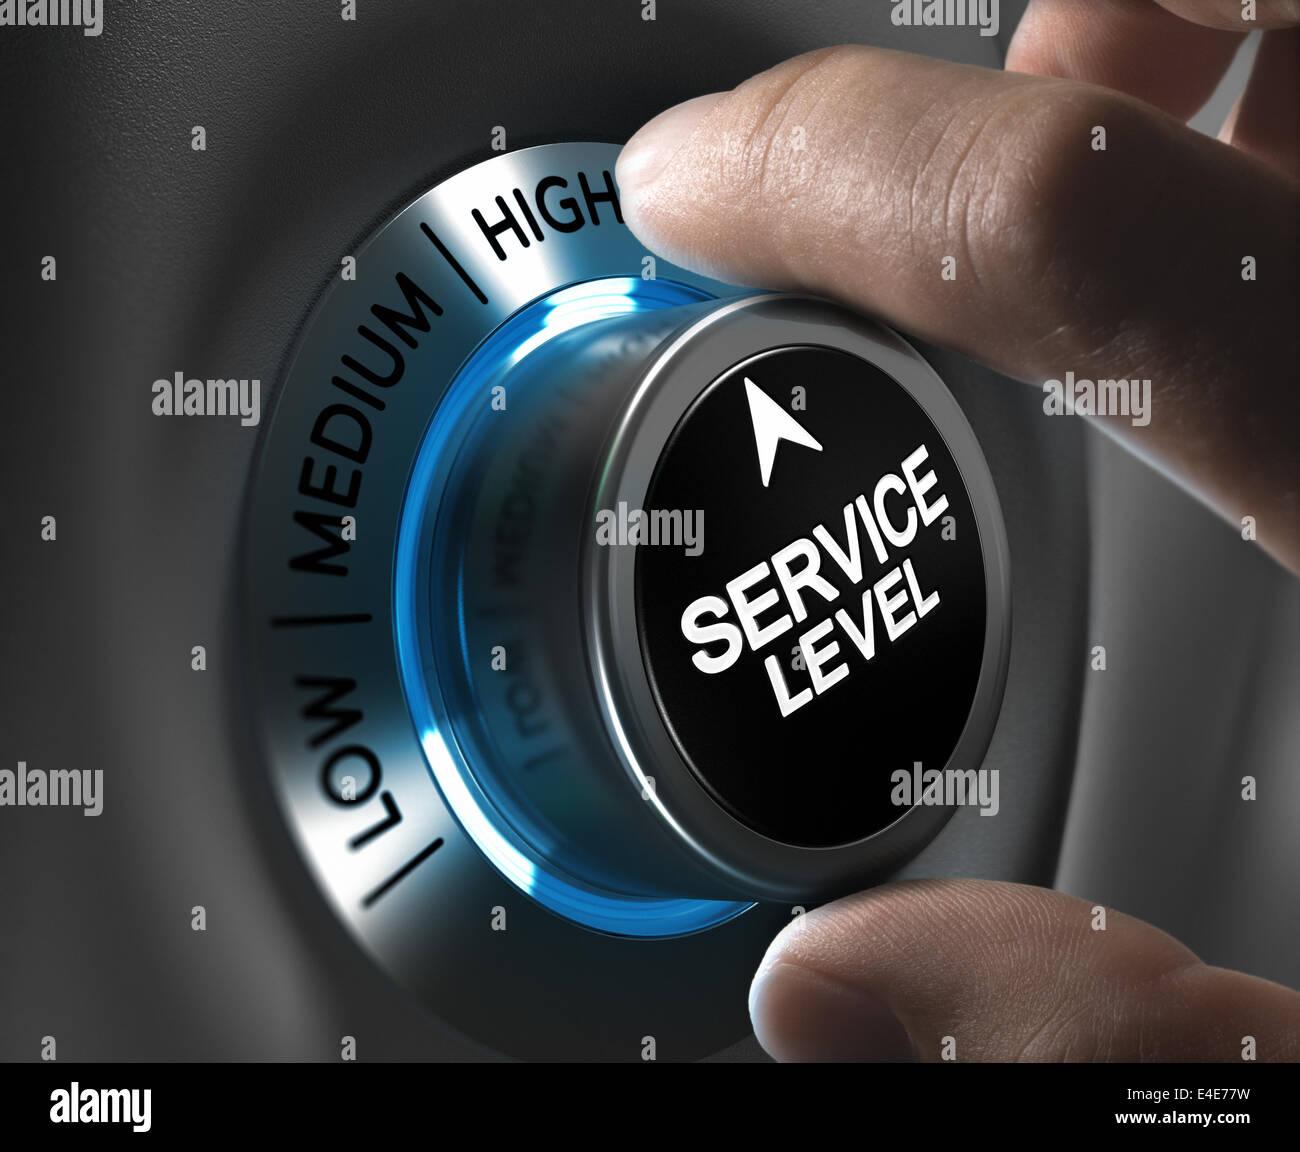 Schaltfläche Service Level zeigt die hohe Position mit blur Effekt plus Blau- und Grautöne. Konzeptionelle Stockbild